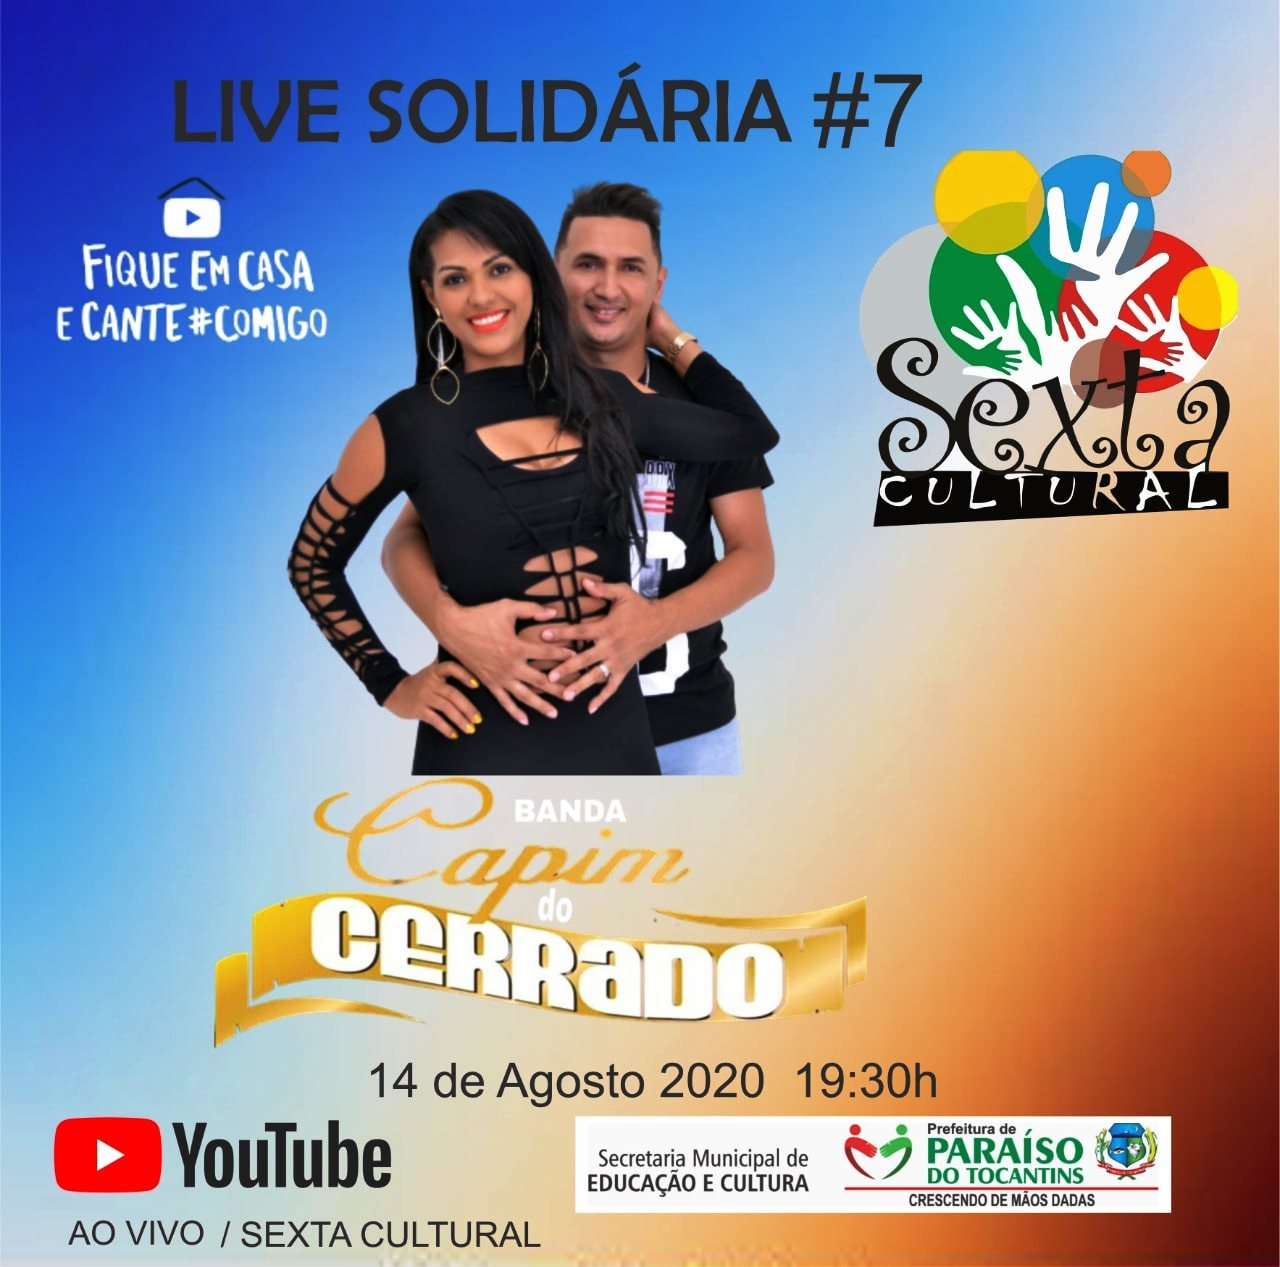 Live Solidária da Sexta Cultural terá show do Capim do Cerrado nesta sexta-feira